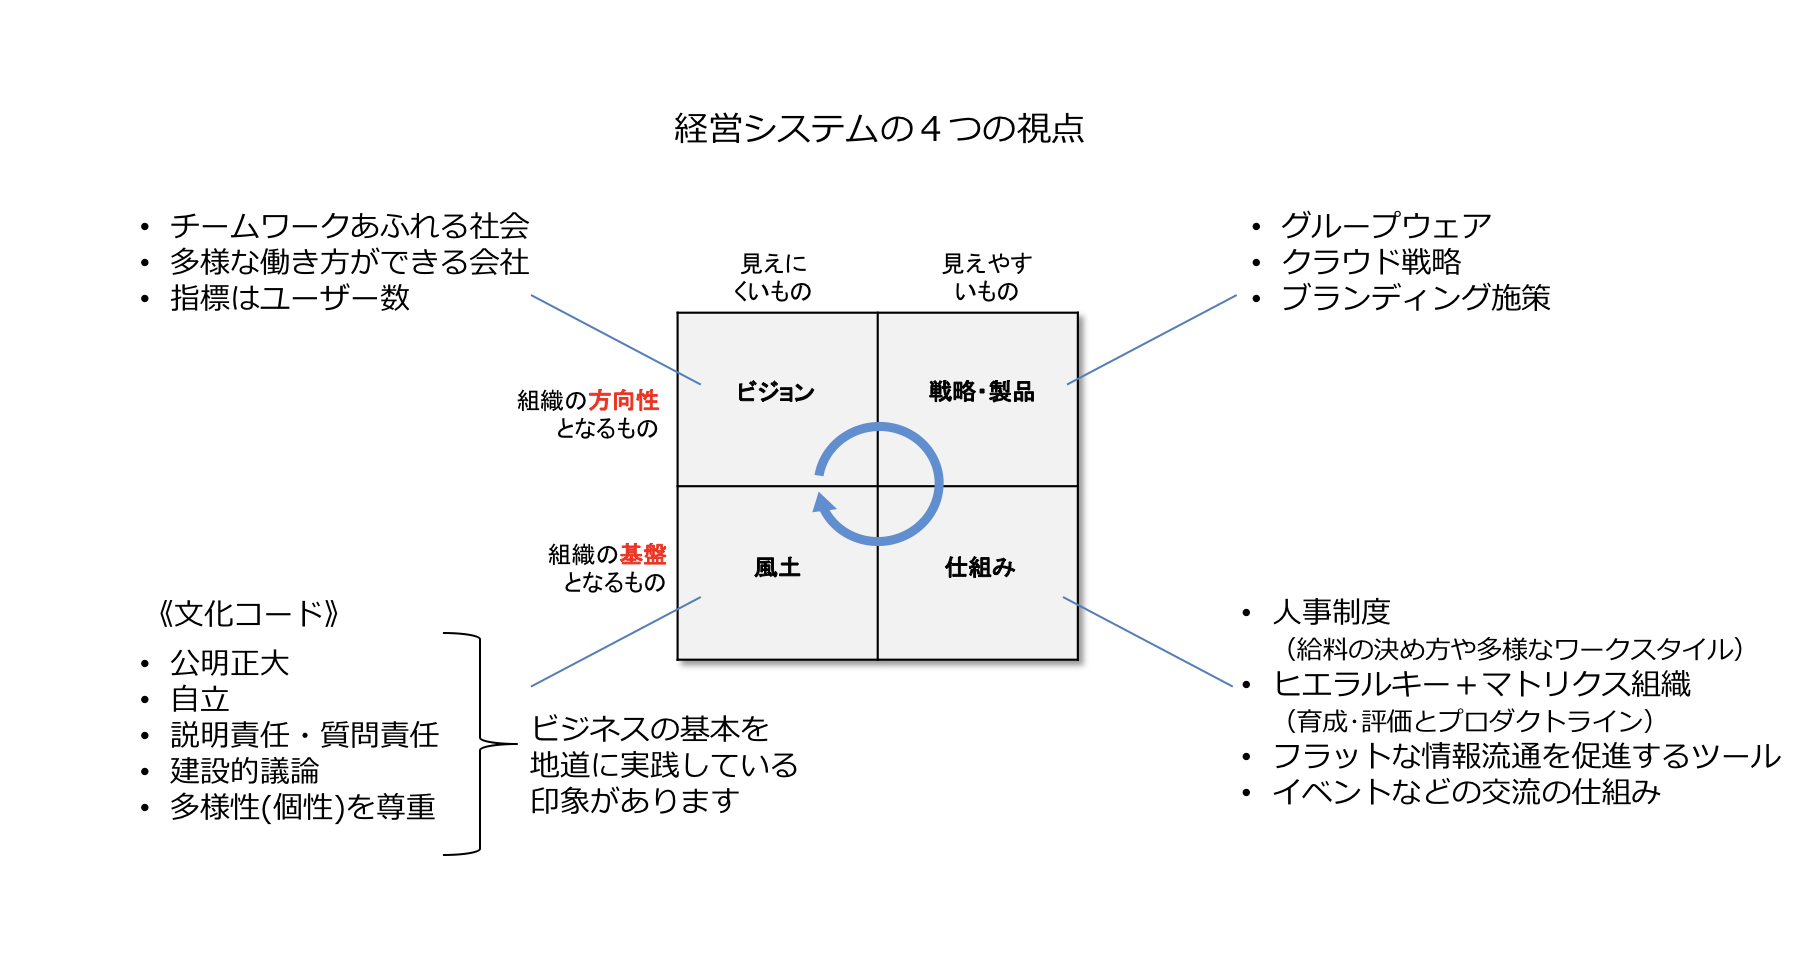 経営システムを見る4つの視点(ビジョン、戦略・製品、仕組み、風土)。各視点のレベル感や全体の整合性から組織の進化段階を判断している。